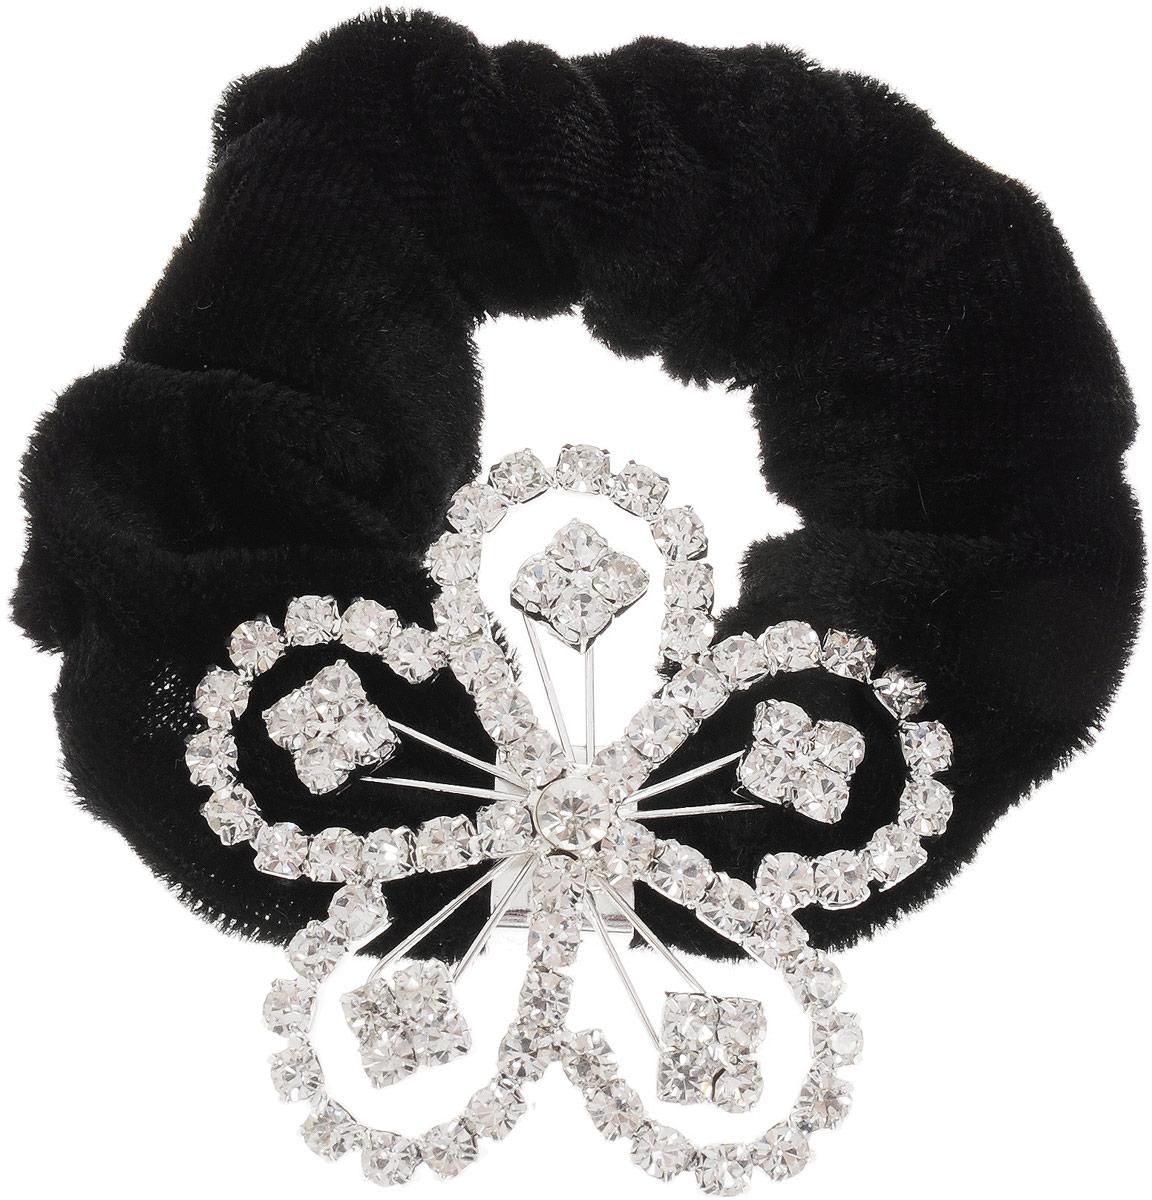 Резинка для волос Fashion House, цвет: серебристый, черный. FH33178FH33178Резинка для волос Fashion House изготовлена из текстиля и дополнена металлическим декоративным элементом, выполненным в виде цветка, оформленного стразами. Изделие надежно зафиксирует волосы и завершит образ.